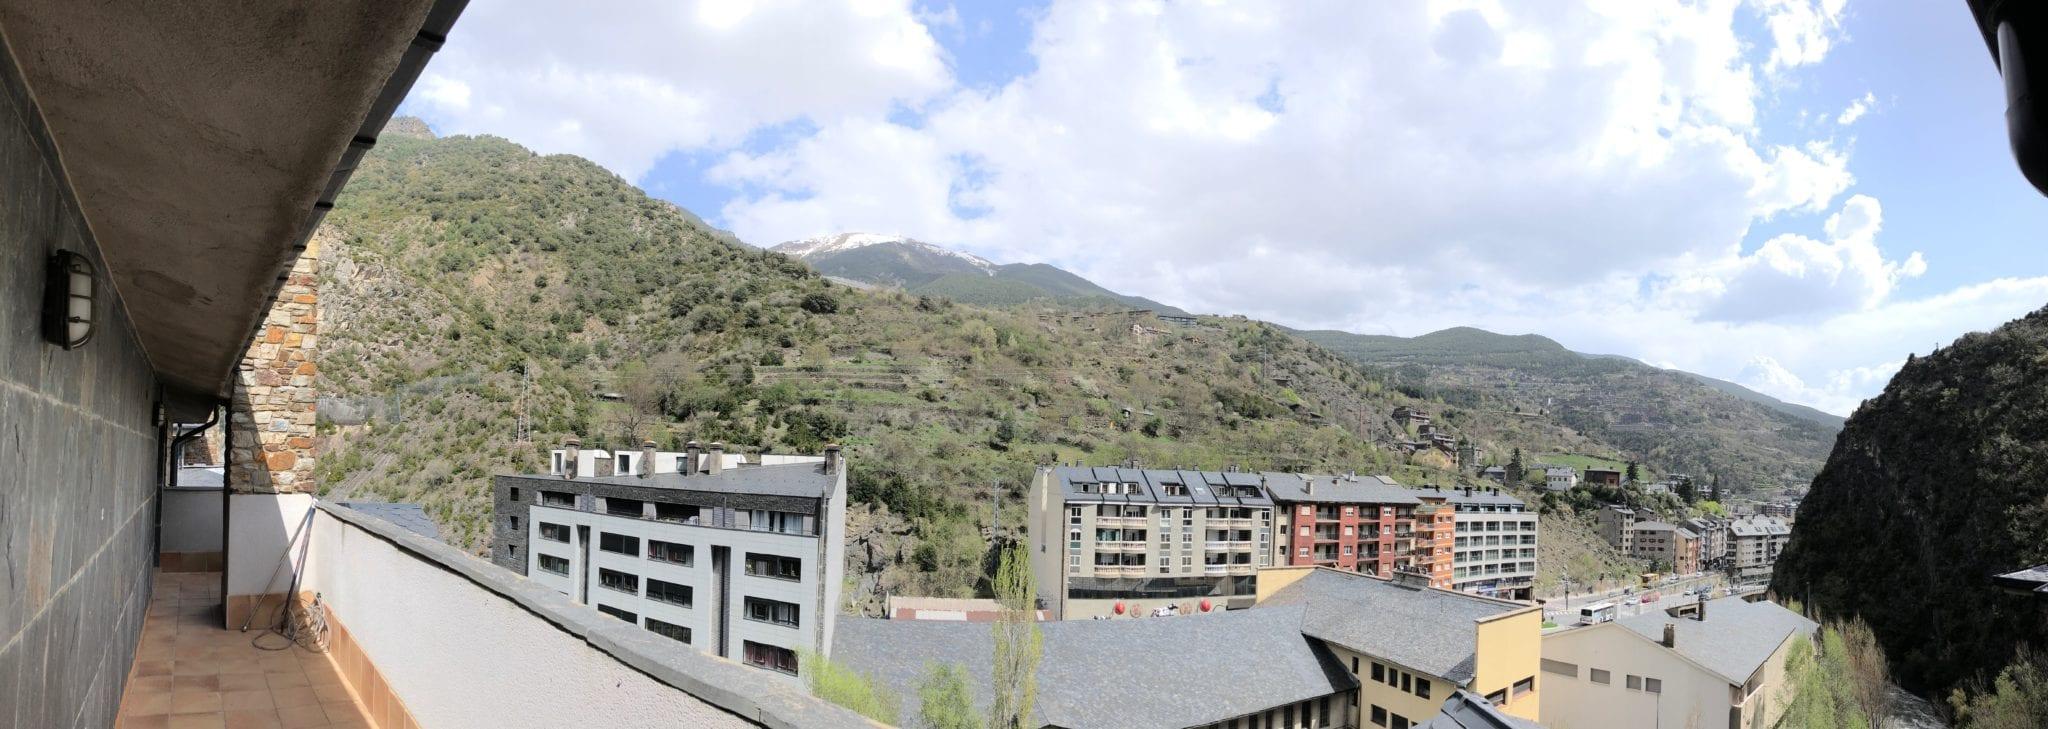 Àtic en Venda, Sant Julià de Lòria, Andorra. Excepcional Oportunitat